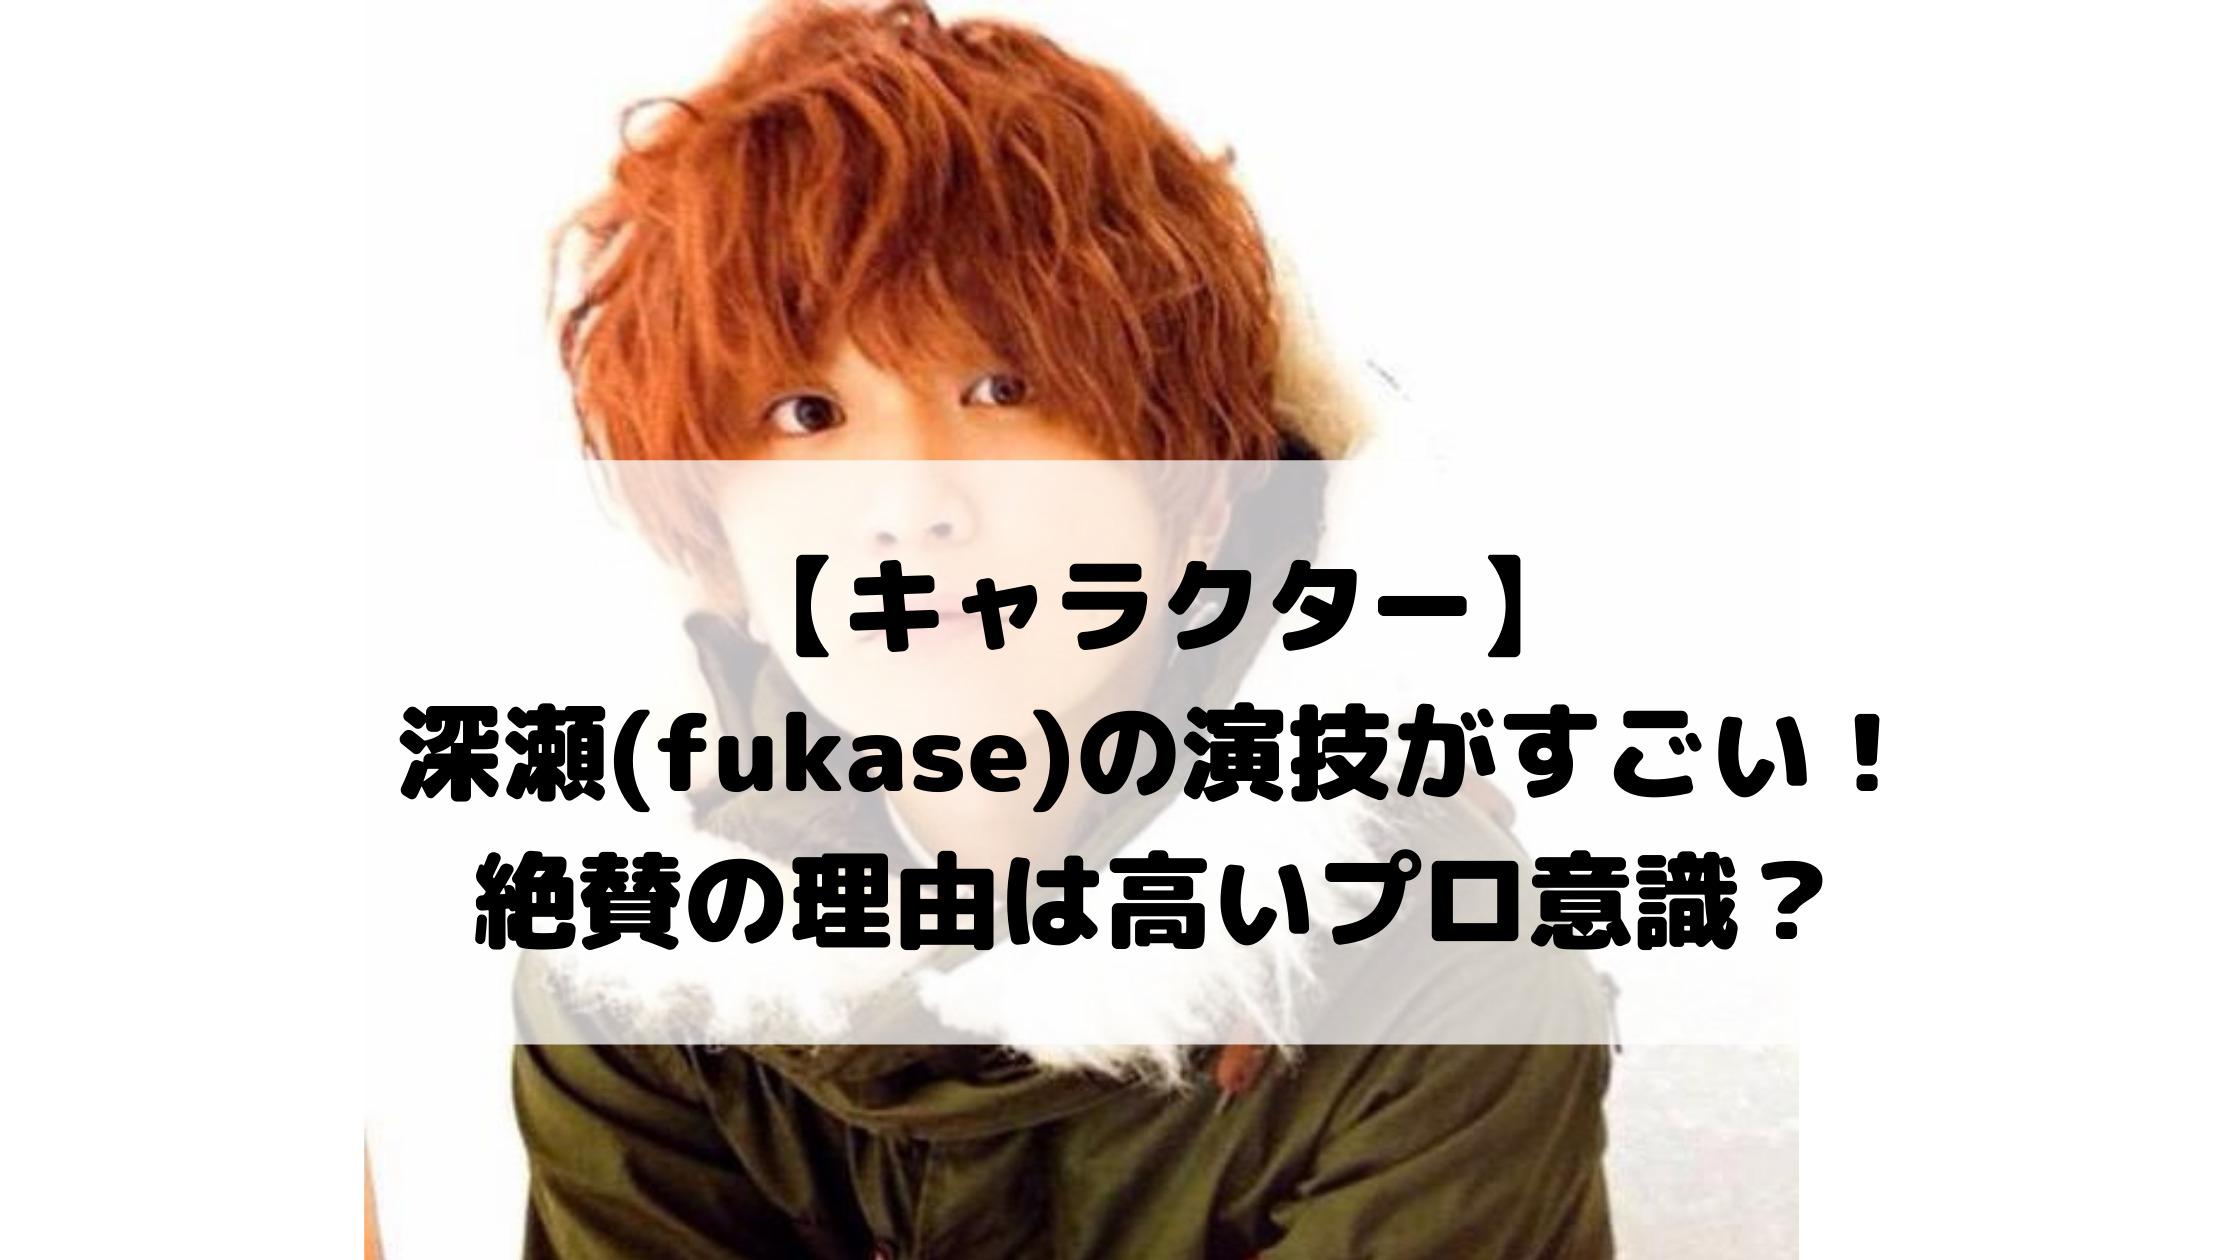 深瀬(fukase)の演技がすごい!絶賛の理由は高いプロ意識?